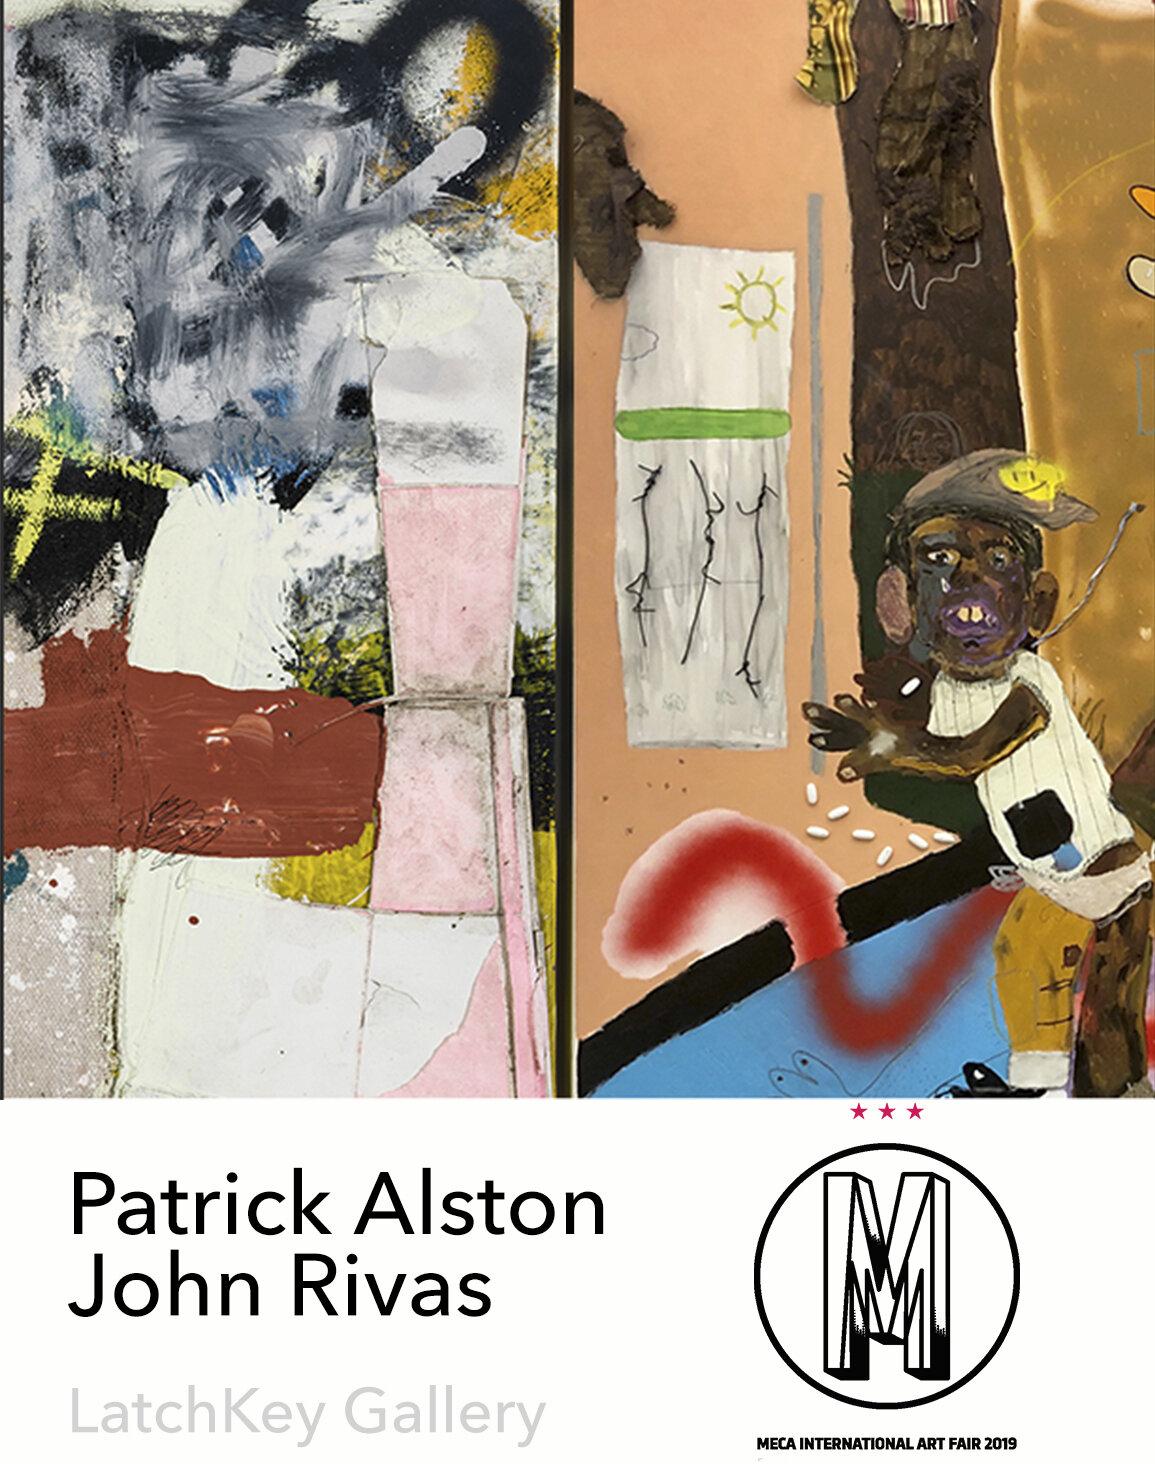 FUTURE:  MECA Art Fair  Patrick Alston | John Rivas  Explaining Your Mark